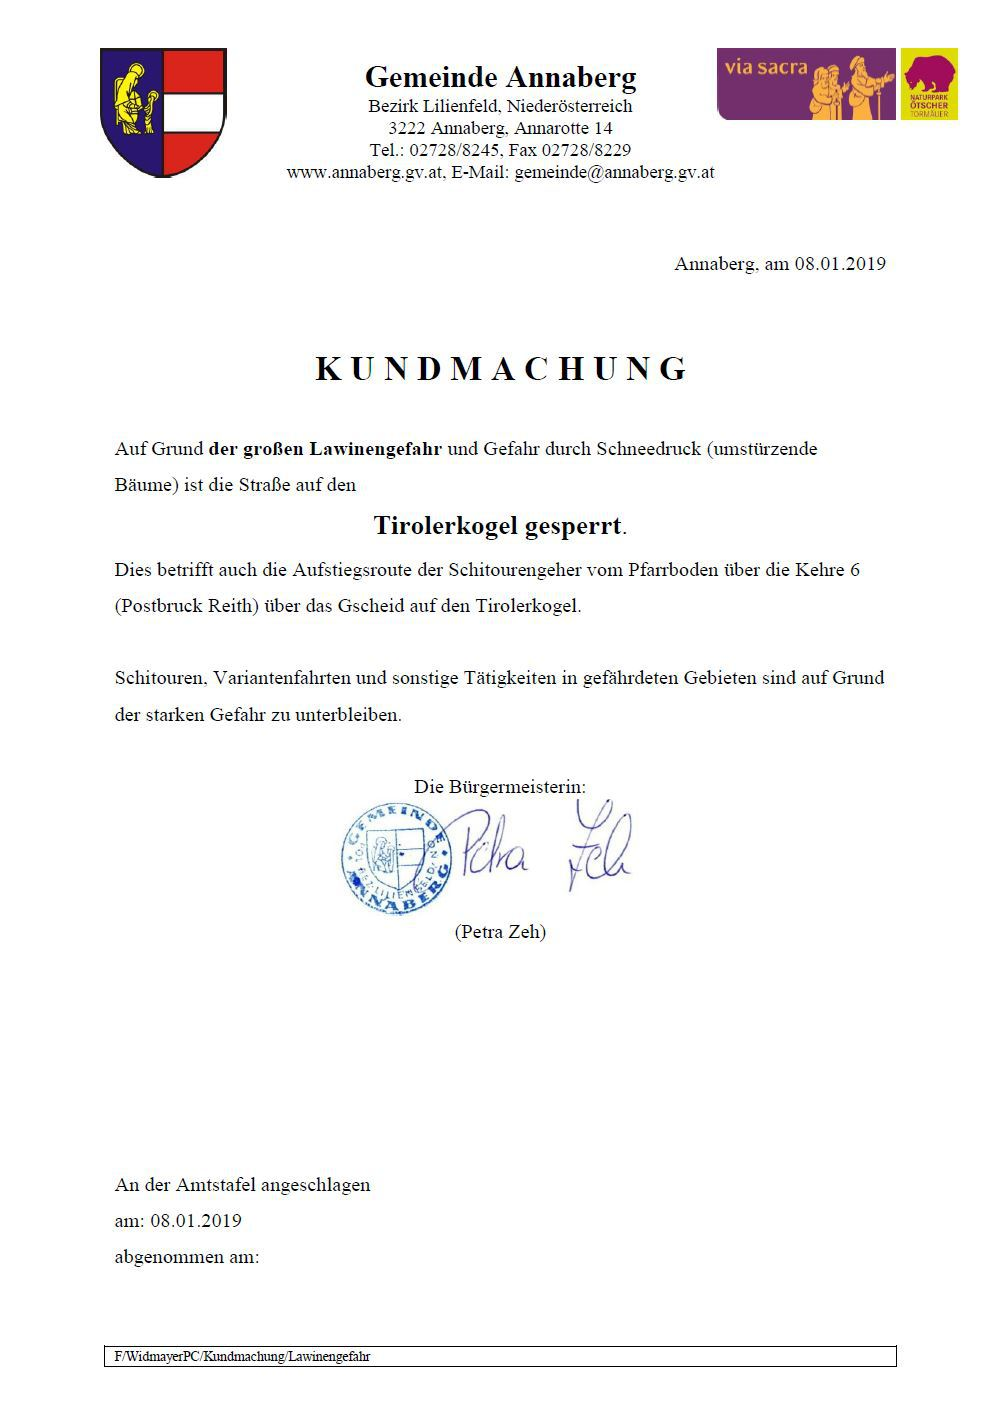 Tirolerkogel gesperrt 37